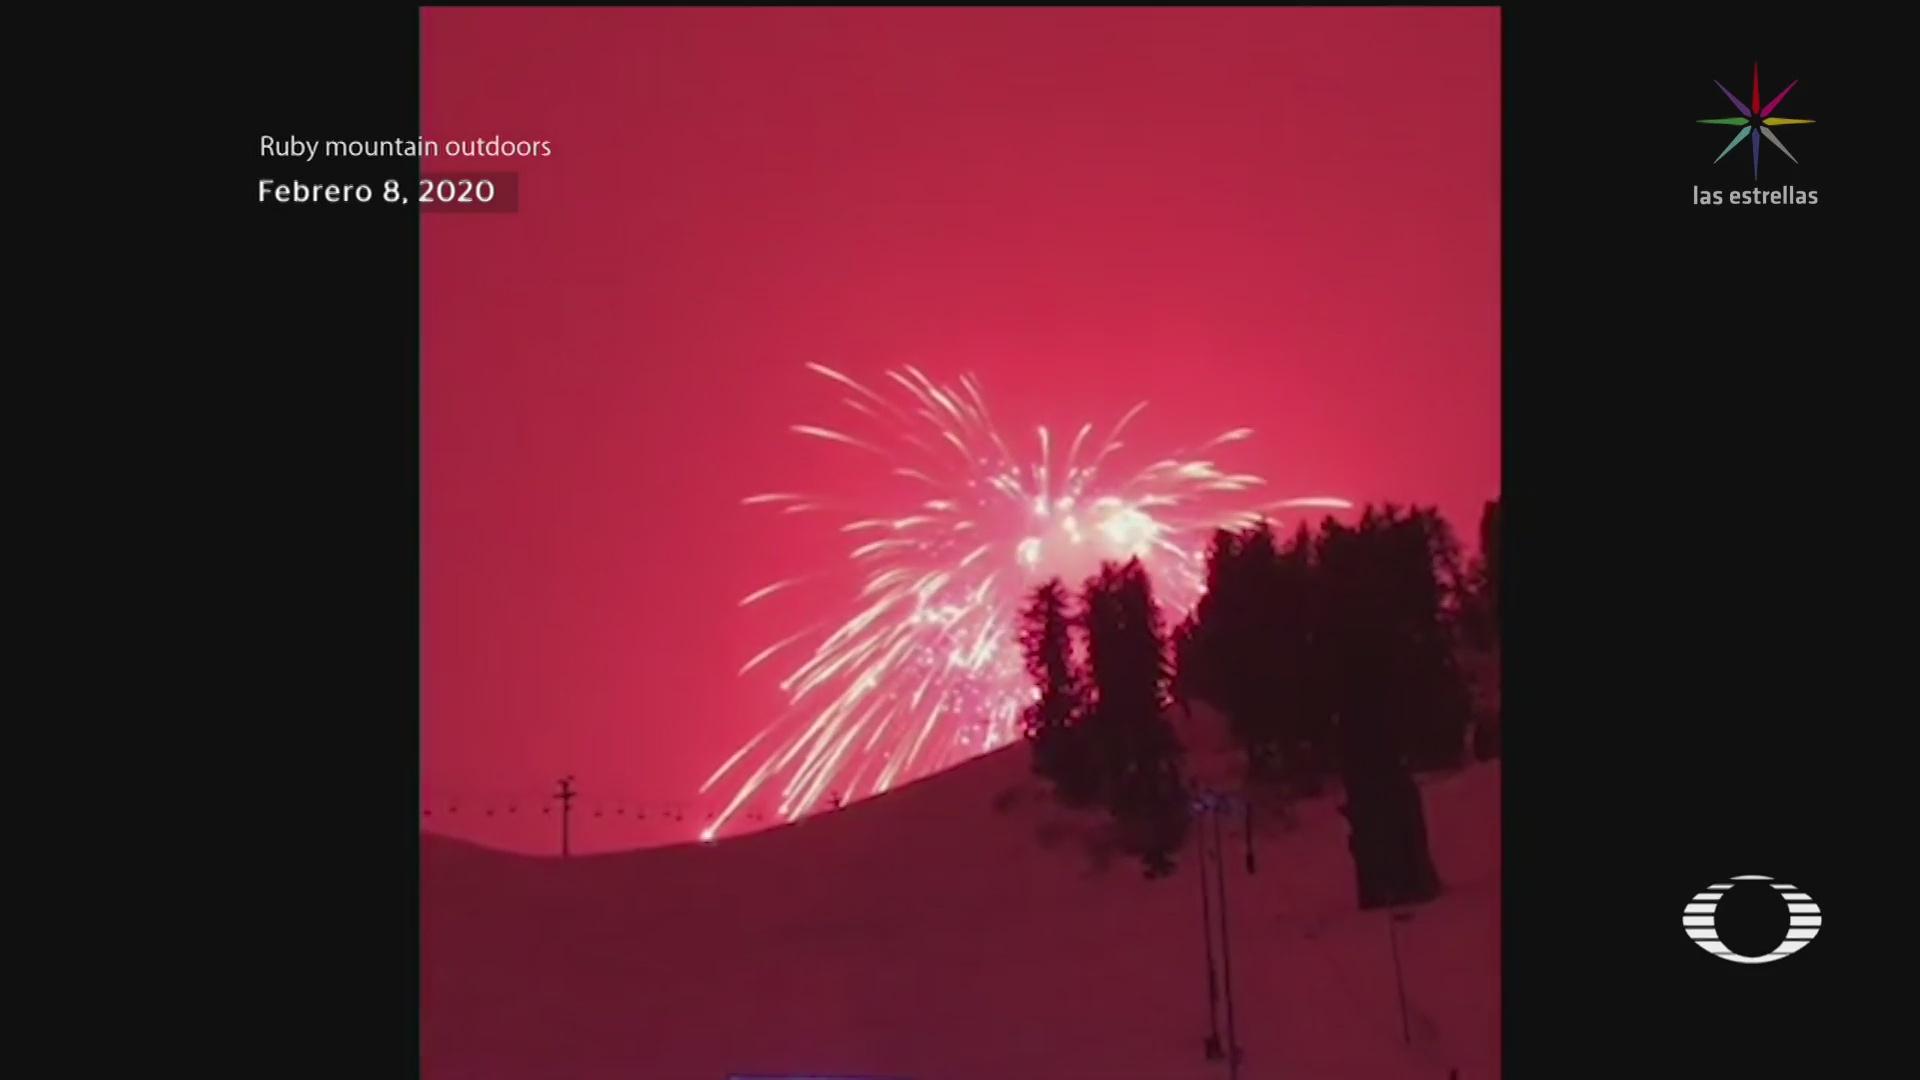 Foto: Fuego Artificial Lanzado Colorado Rompe Récord Más Grande Mundo 10 Febrero 2020